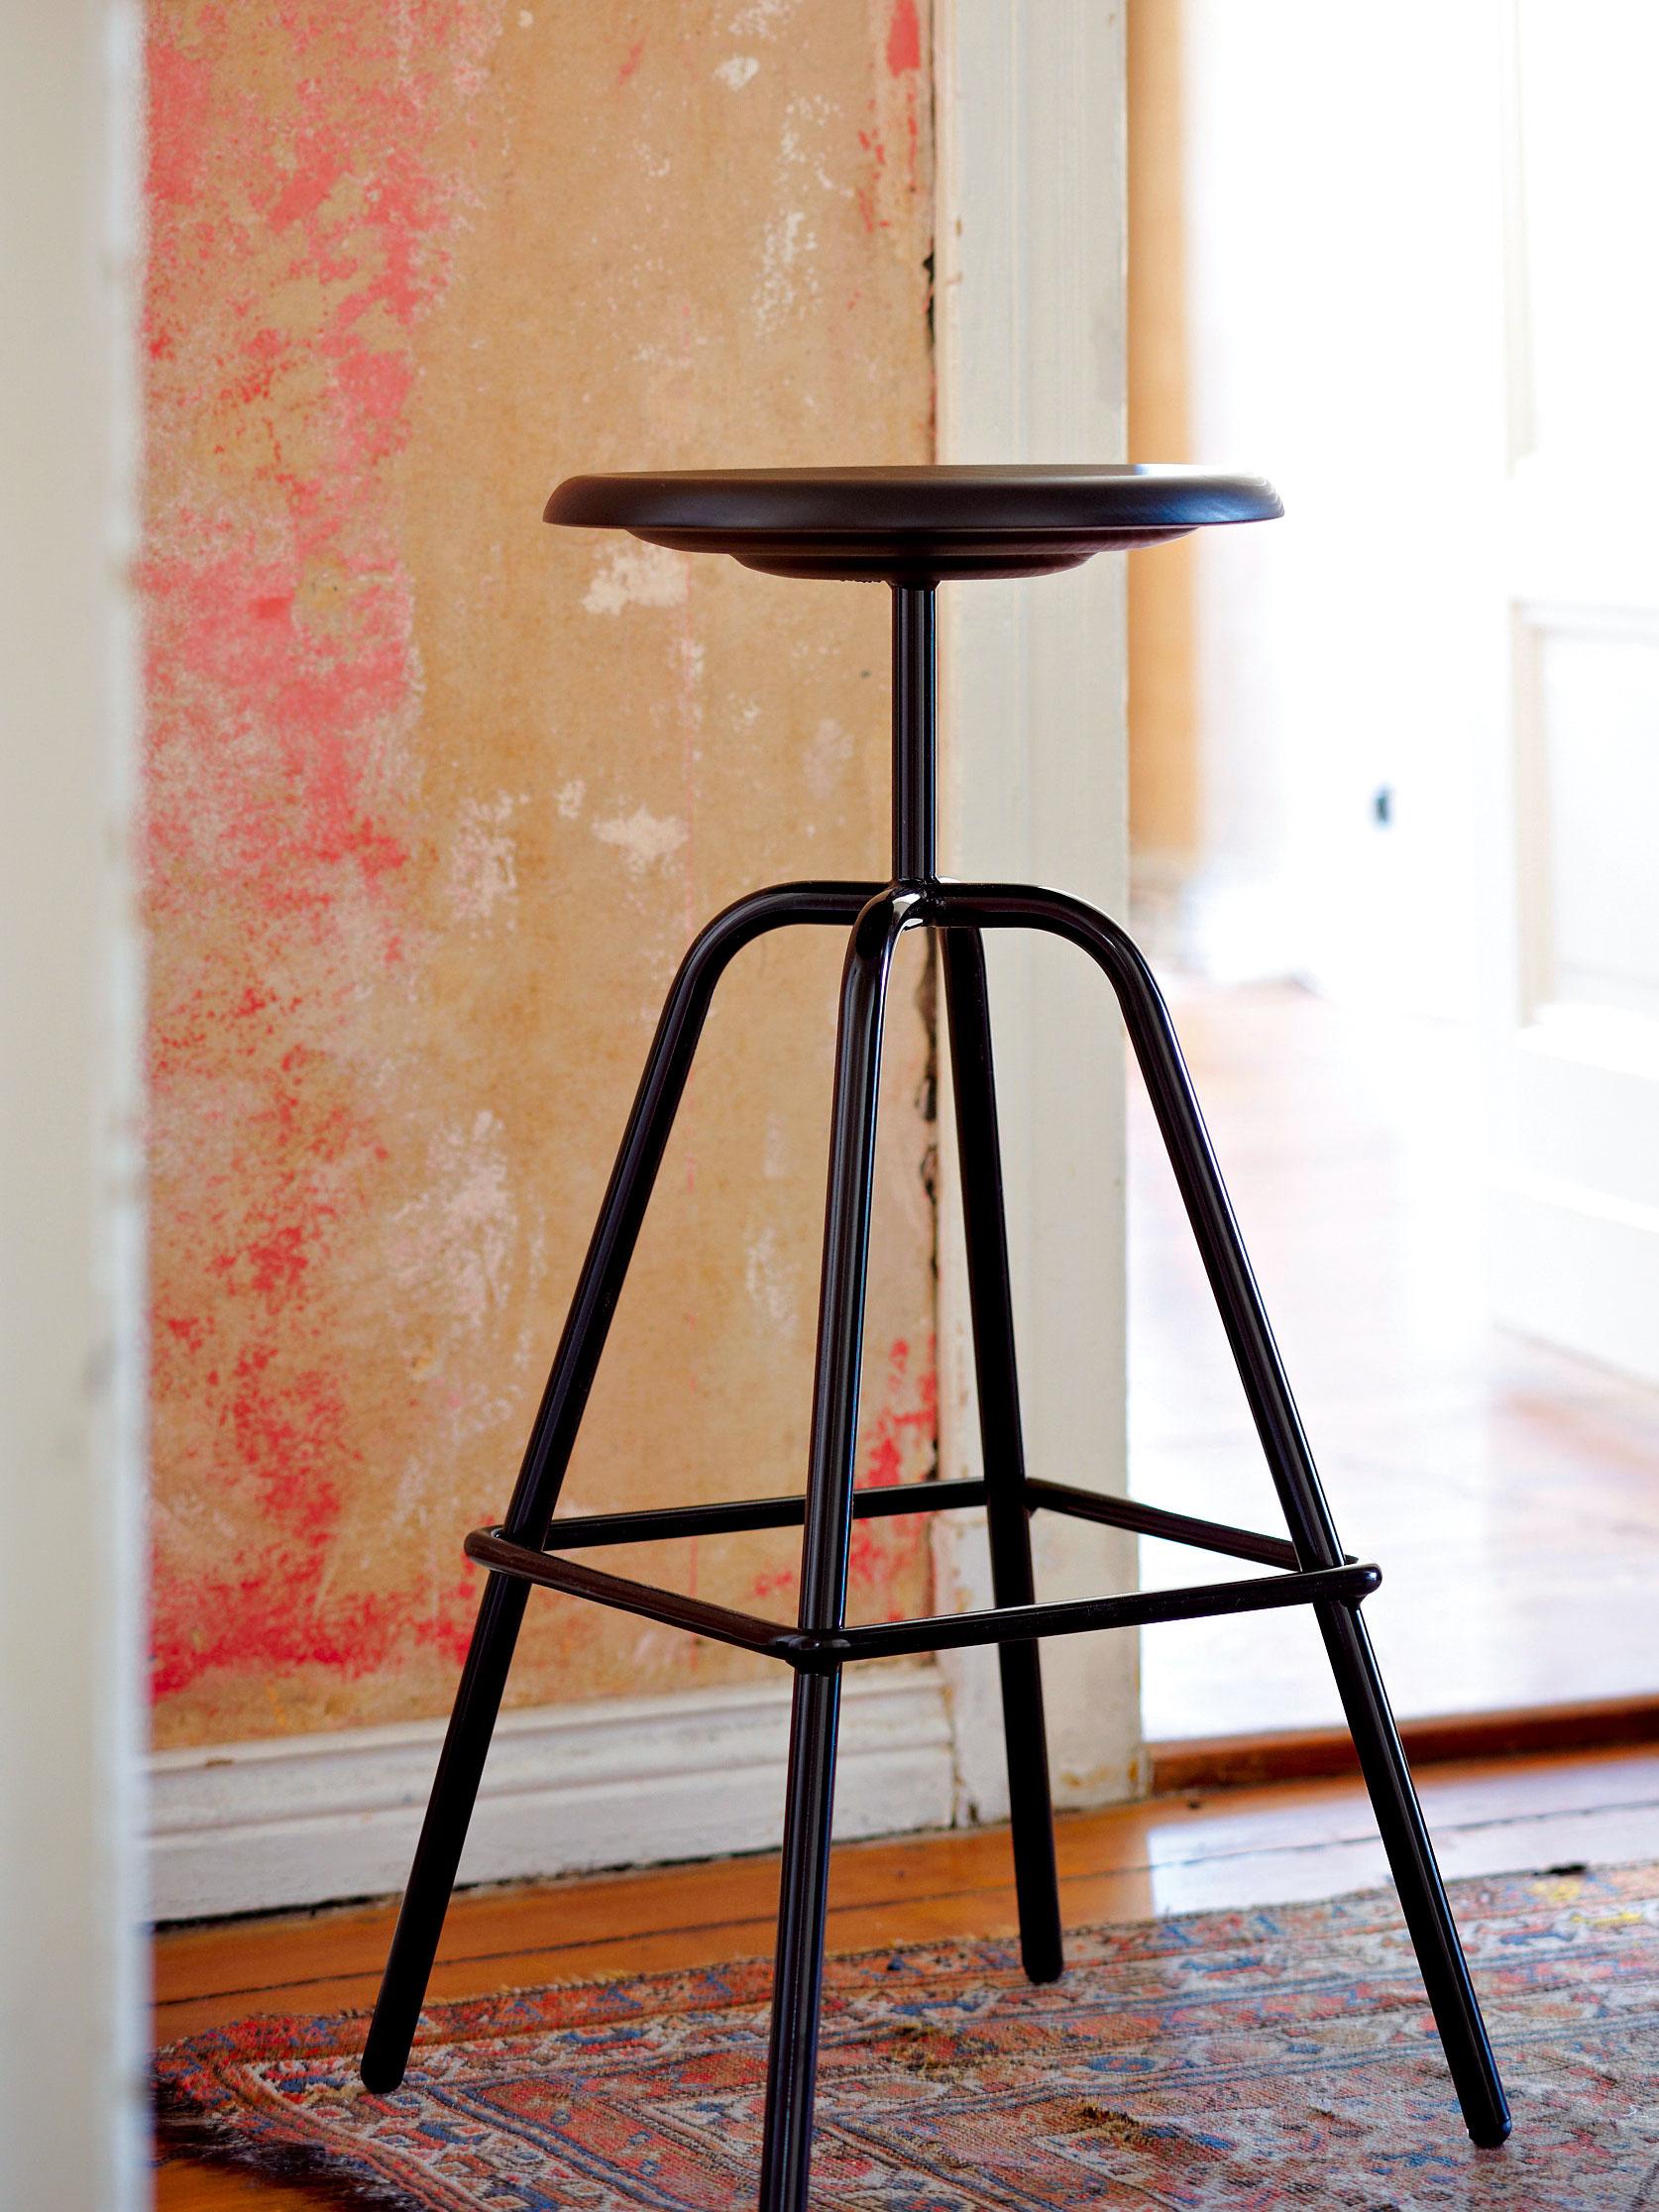 Barová stolička Herrenberger vychádza zpriemyselných vzorov z30. rokov. Vďaka stabilnej štvornohej oceľovej podnoži je odolná afunkčná.